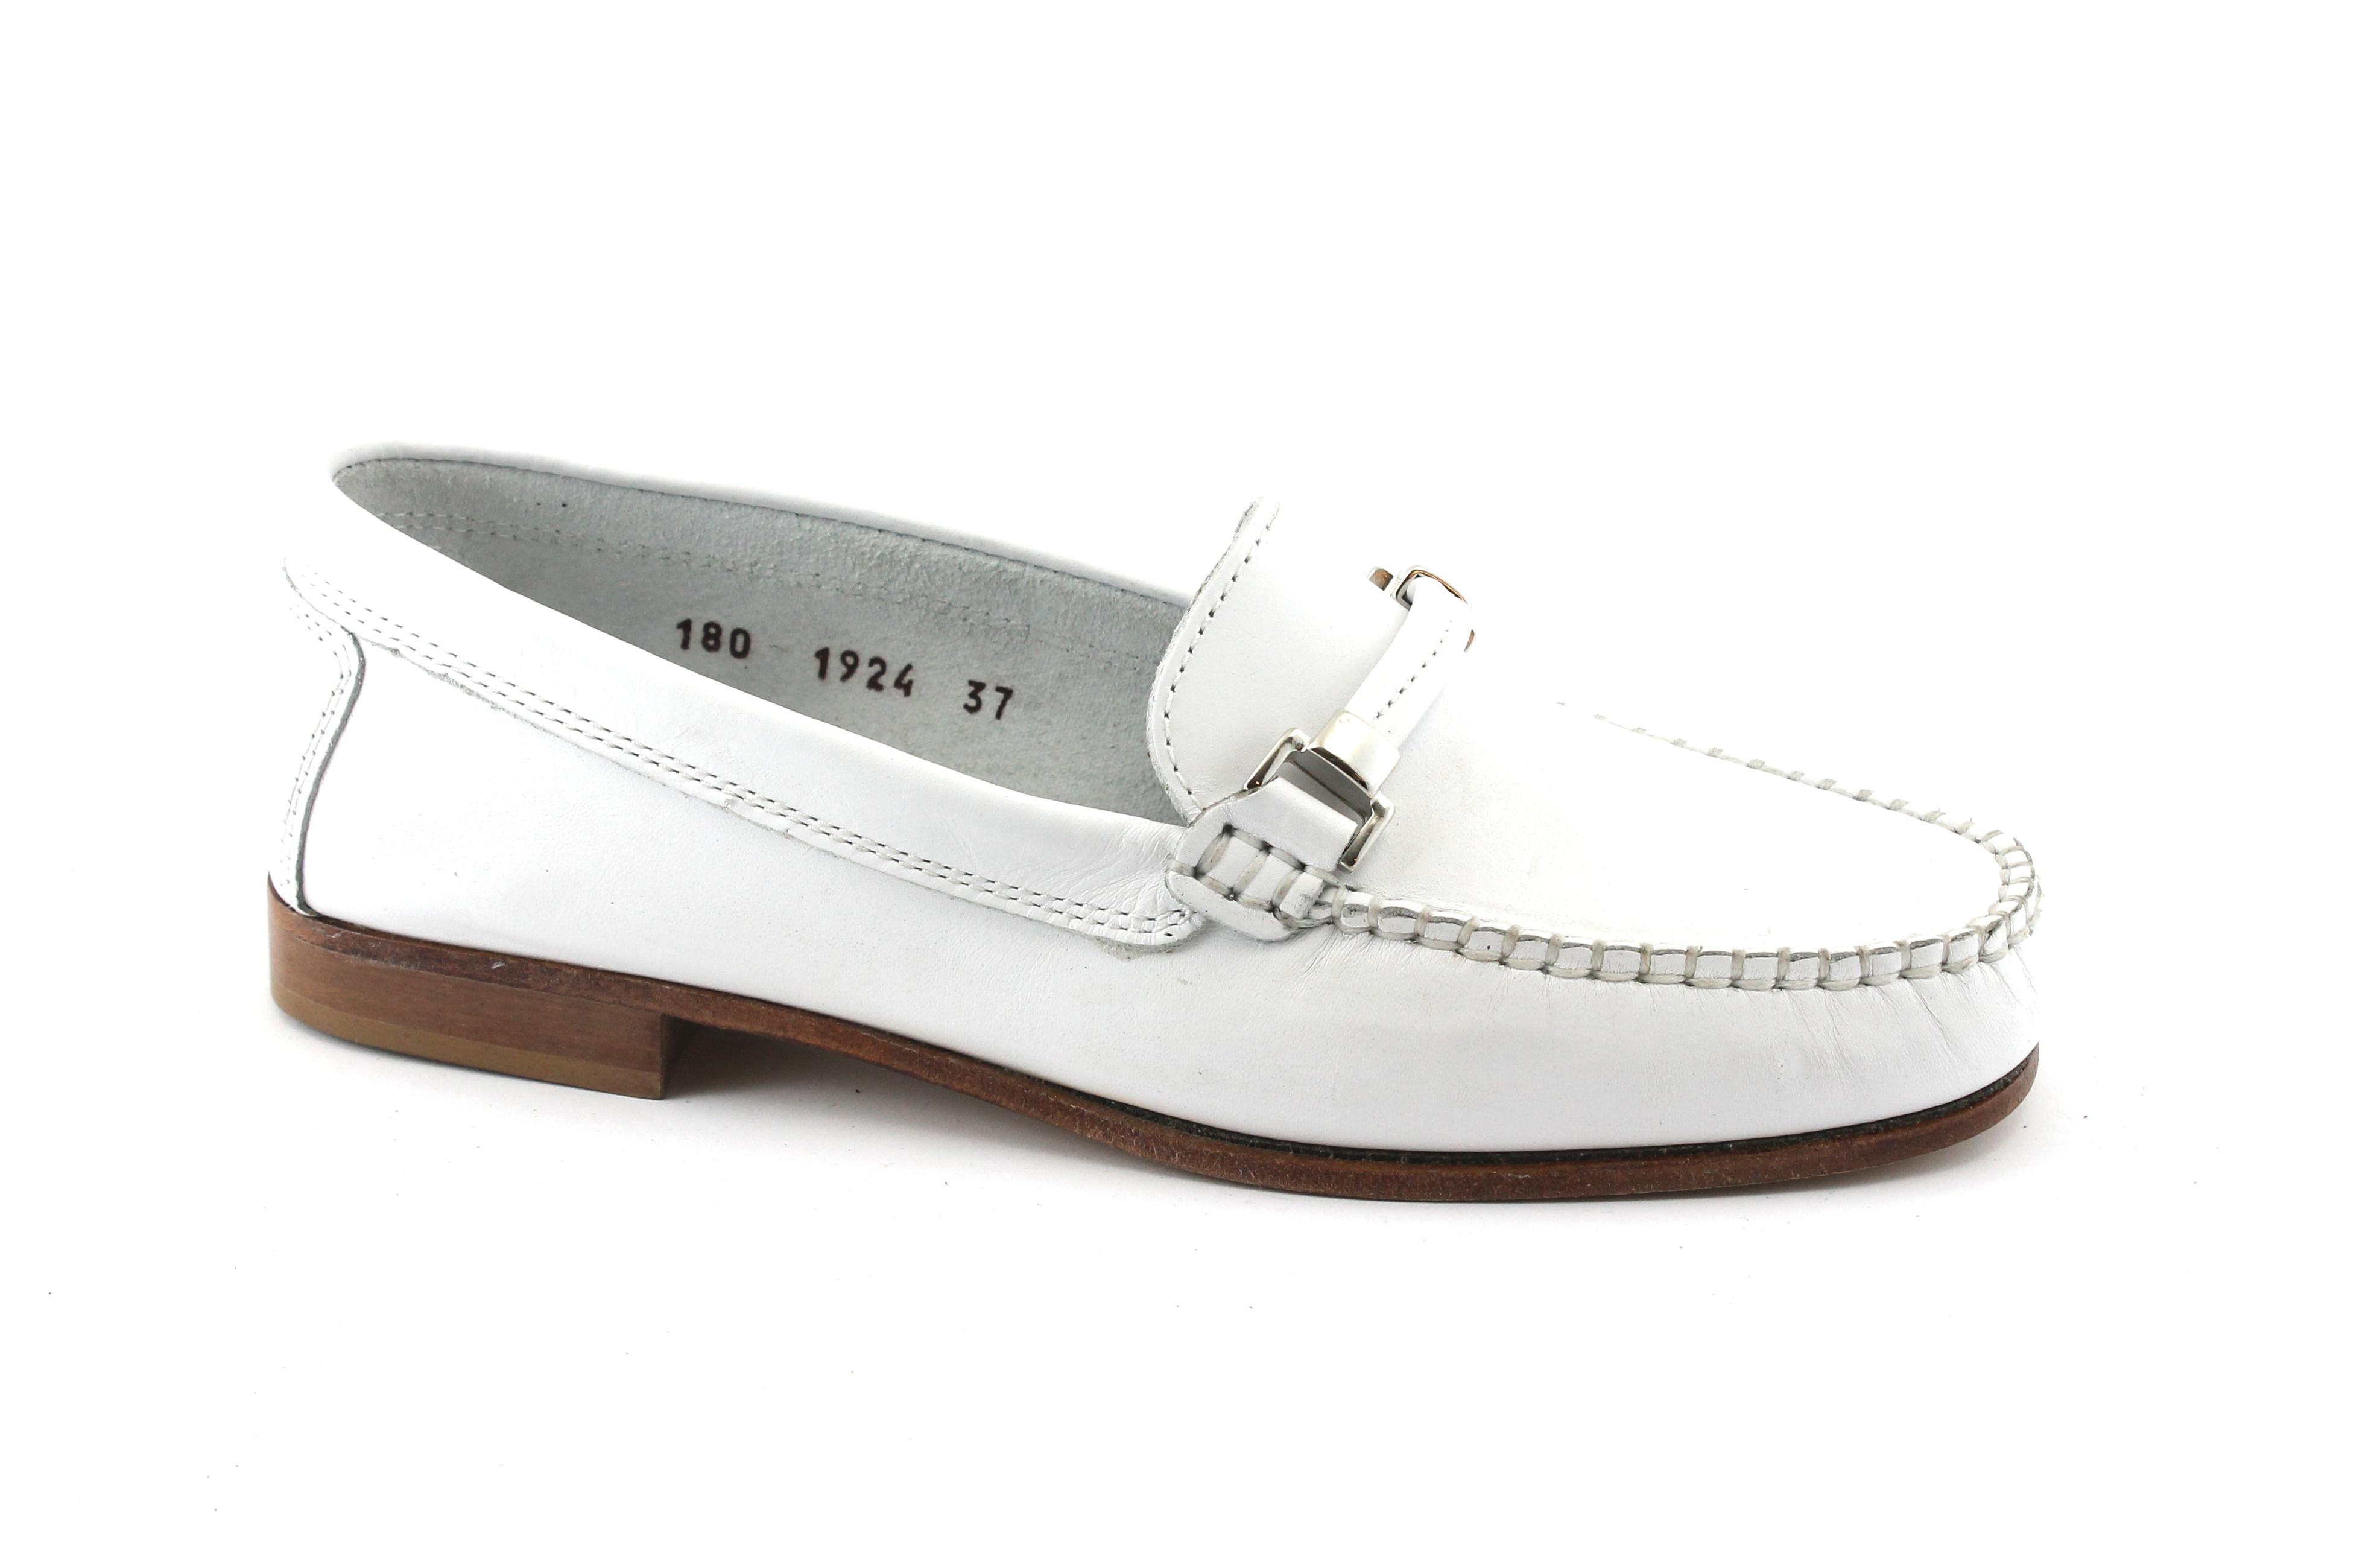 Mocassini Bianco Donna 180c Scarpe Invecchiato Manila wZqn6BPn